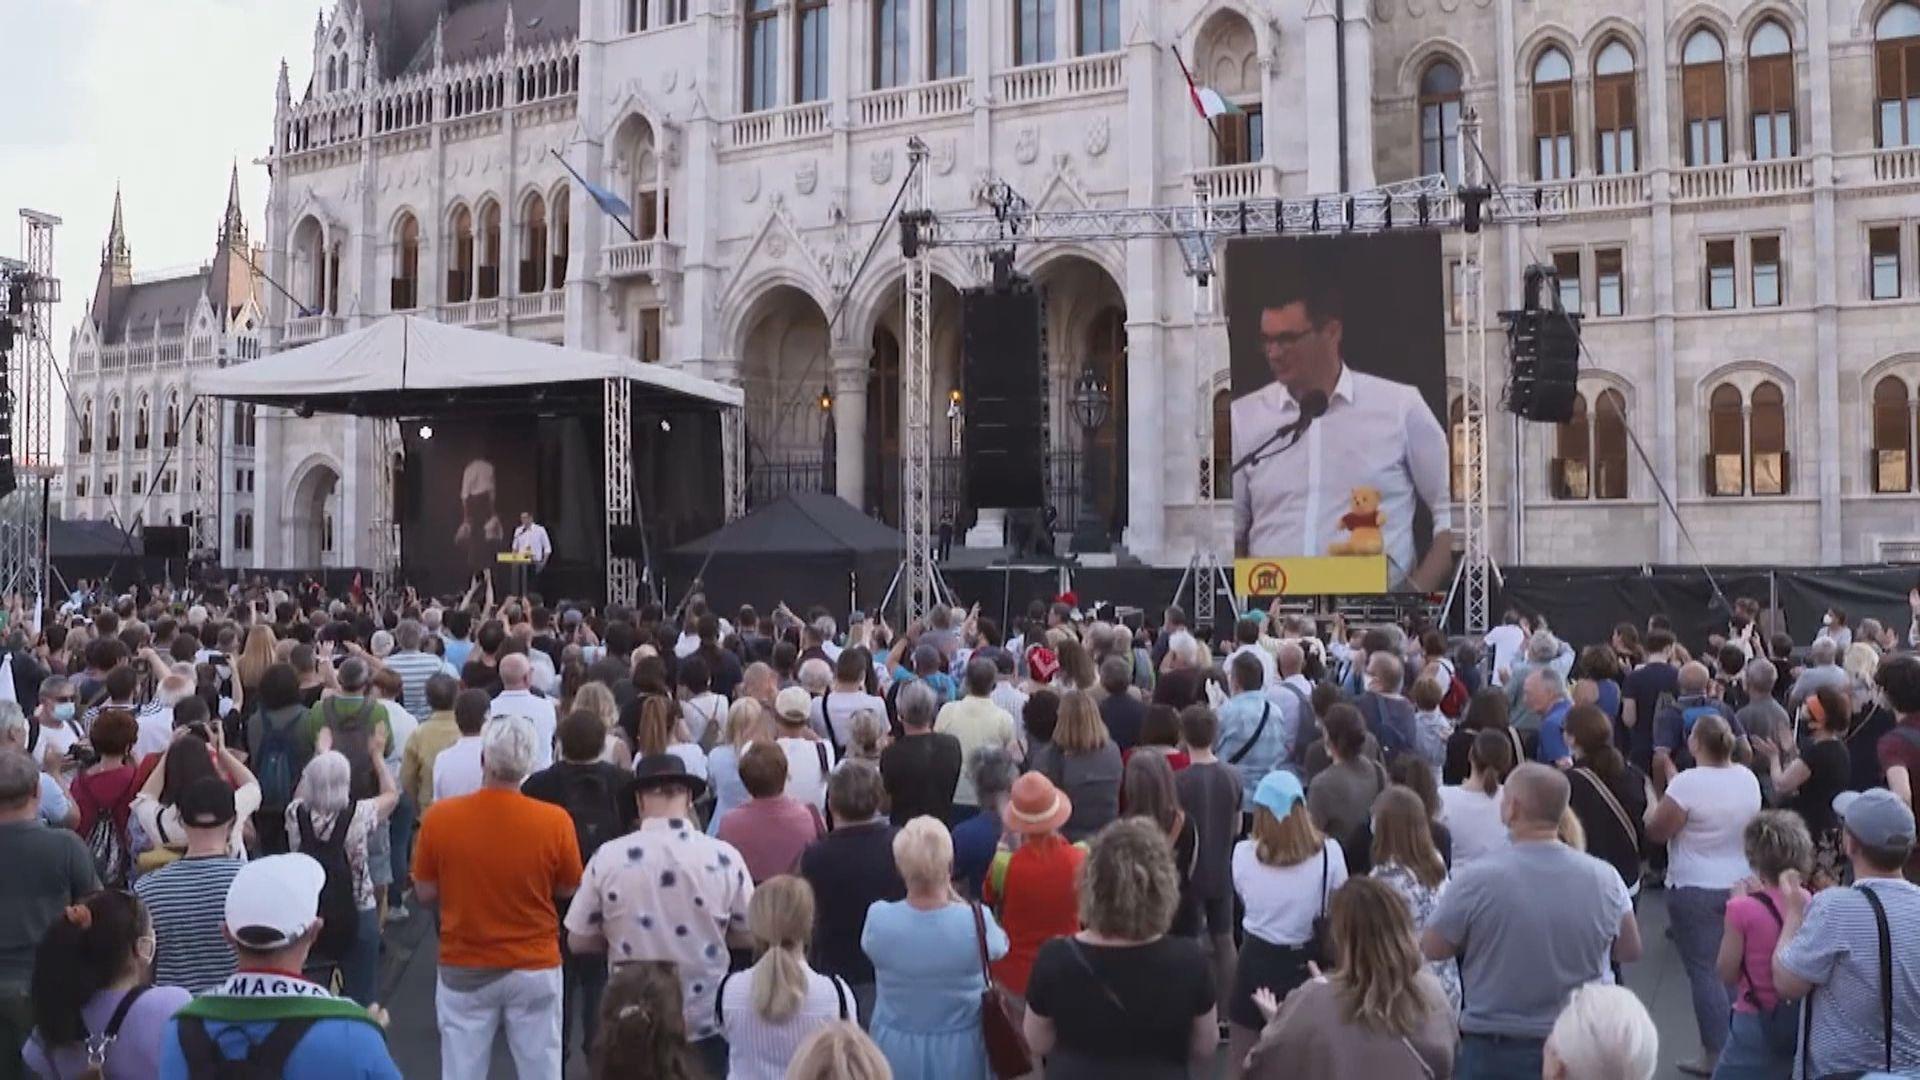 匈牙利總理幕僚稱會將復旦大學建分校計劃交給民眾公投